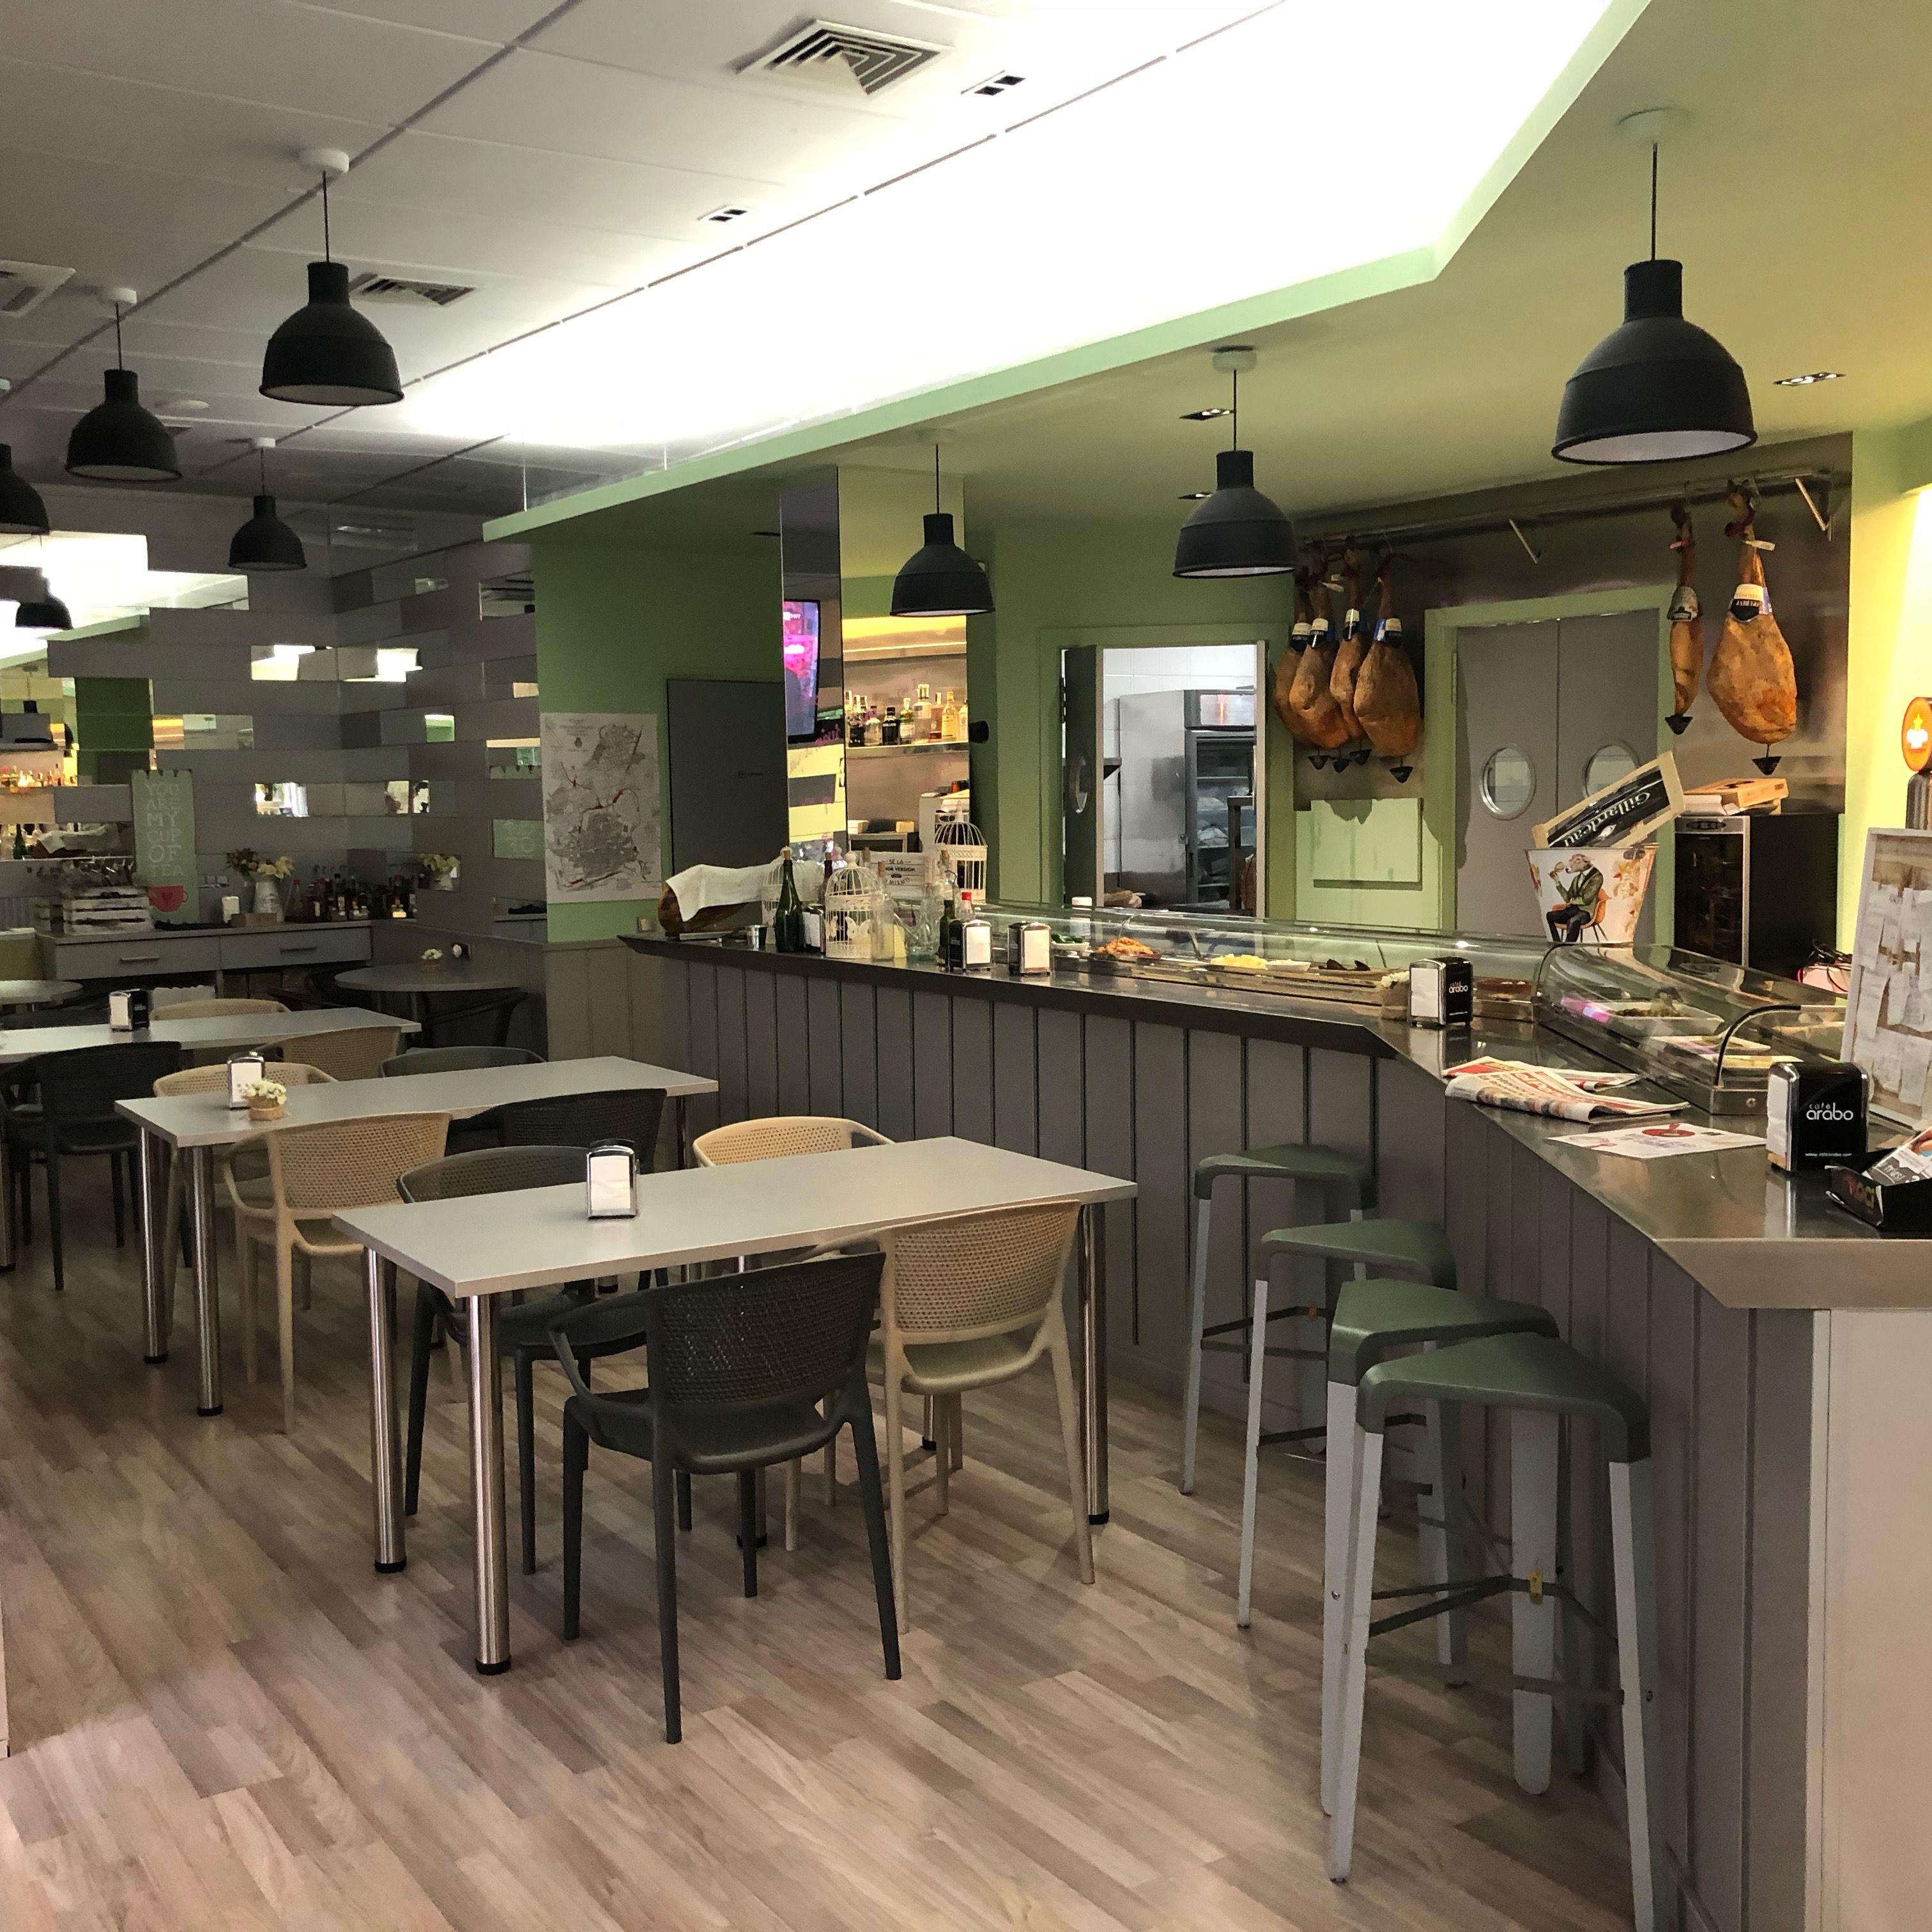 Restaurante arrocería en Manresa